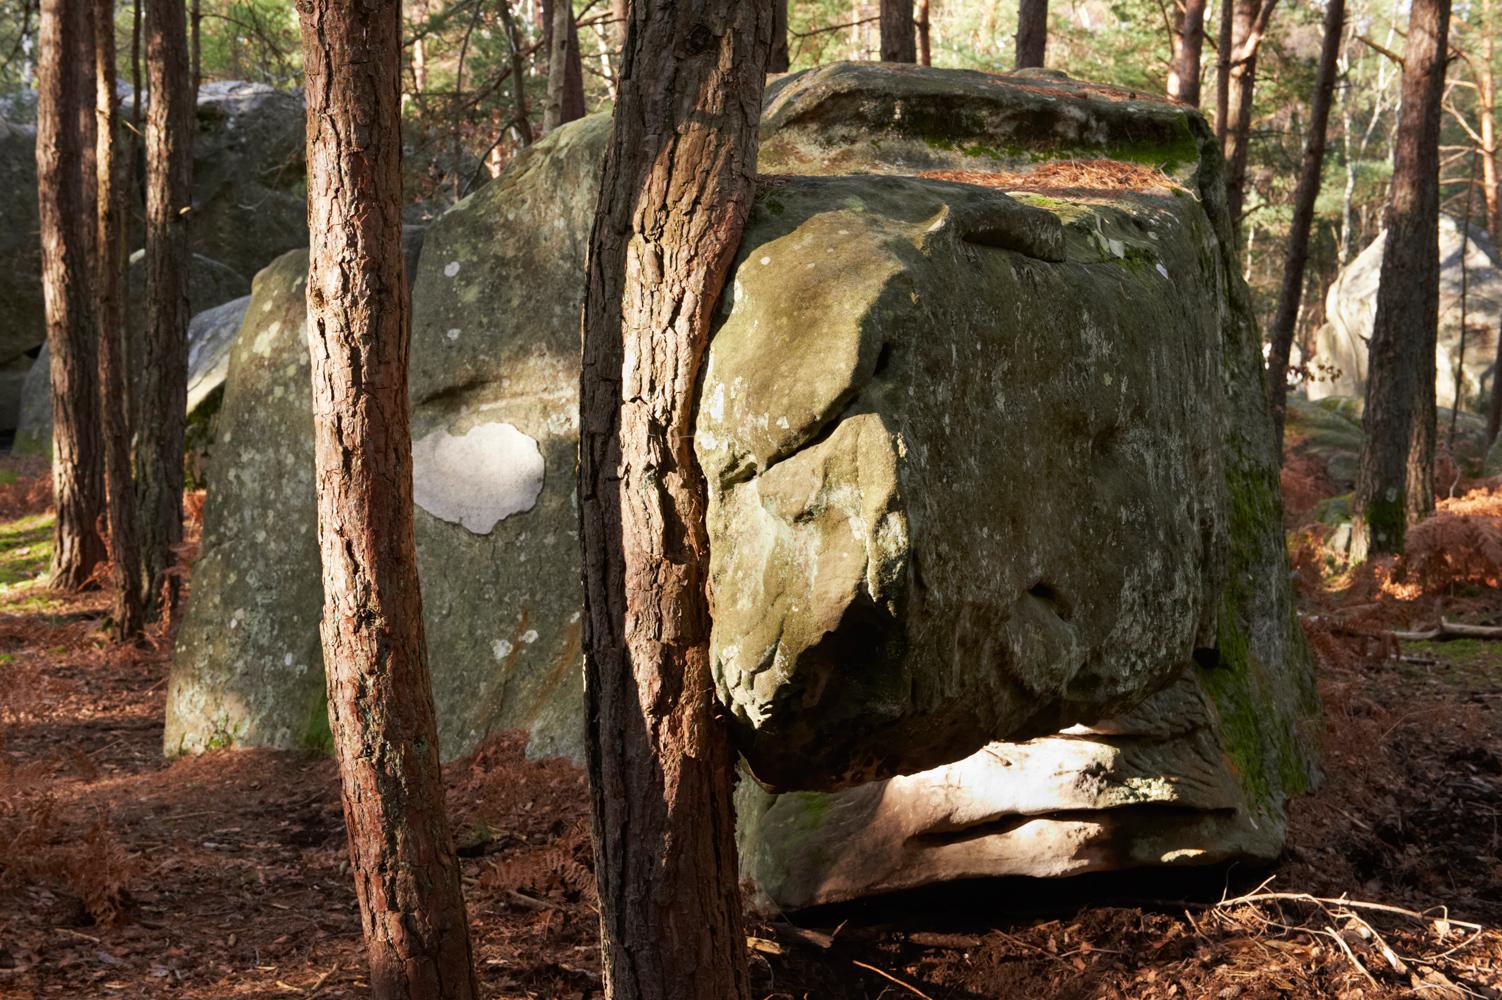 Monstre de pierre, Forêt de Fontainebleau